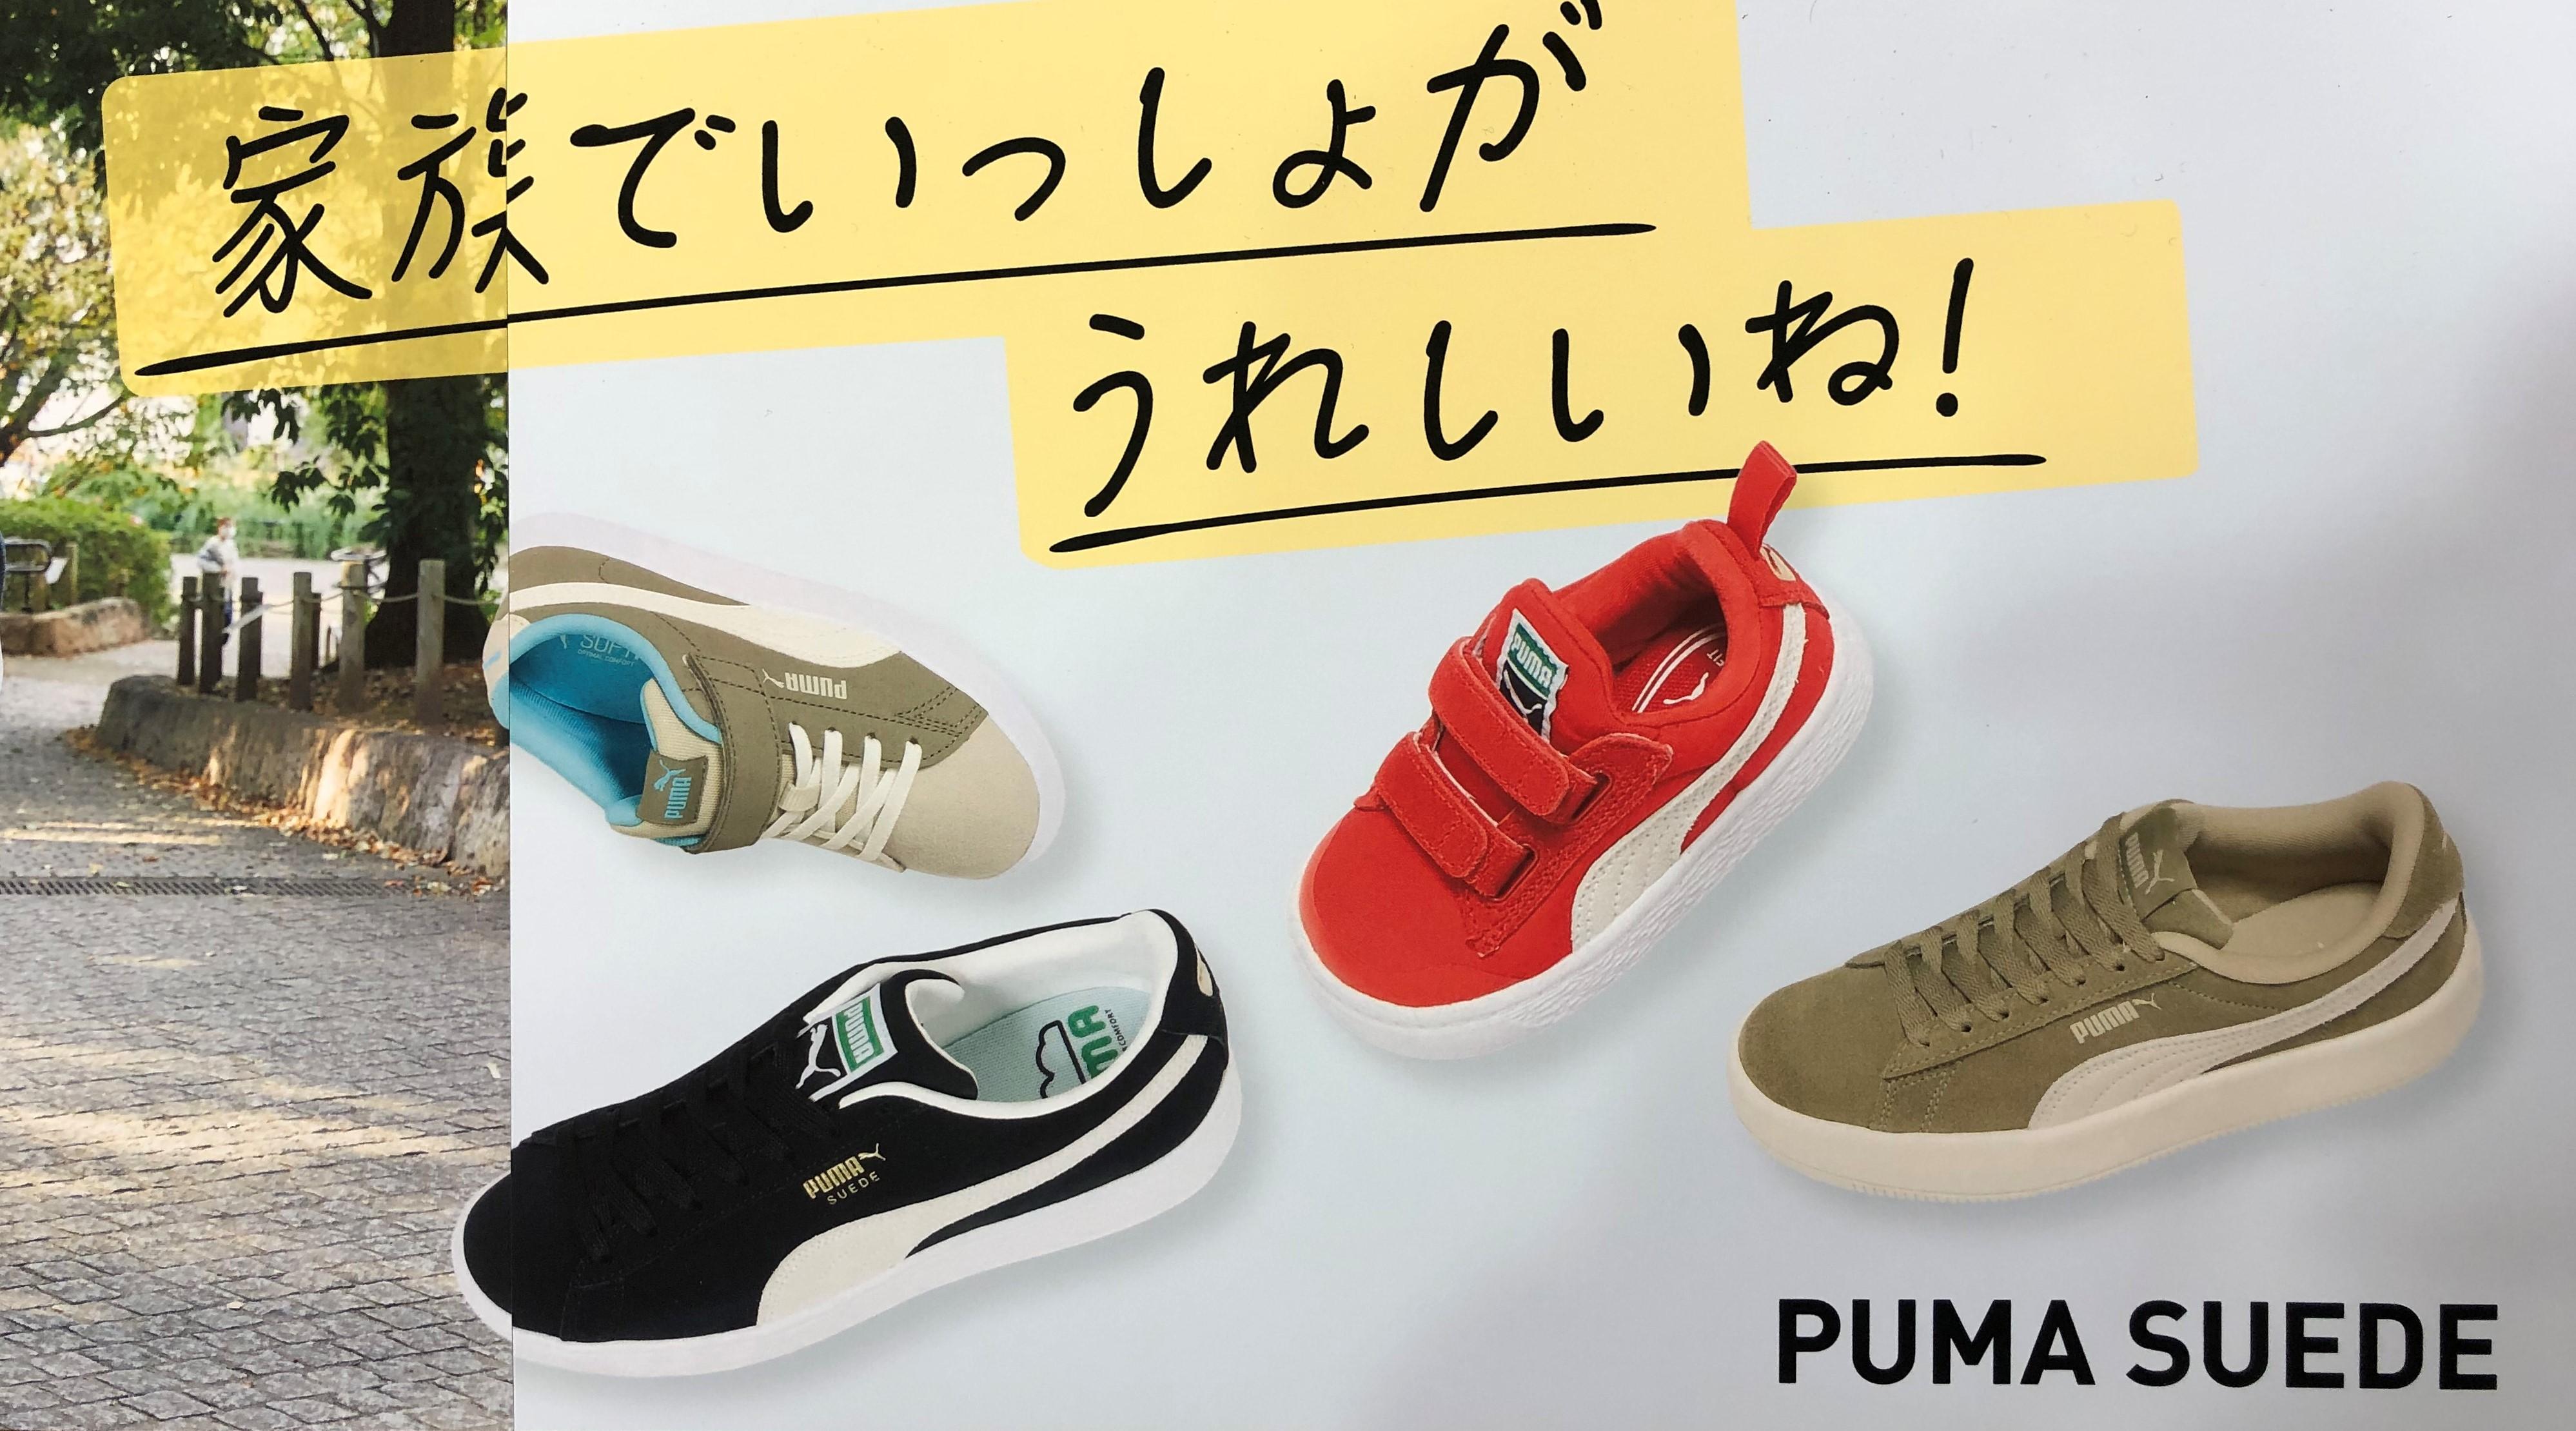 PUMA 仲良し親子コーデ【キッズ・ジュニア】:イメージ